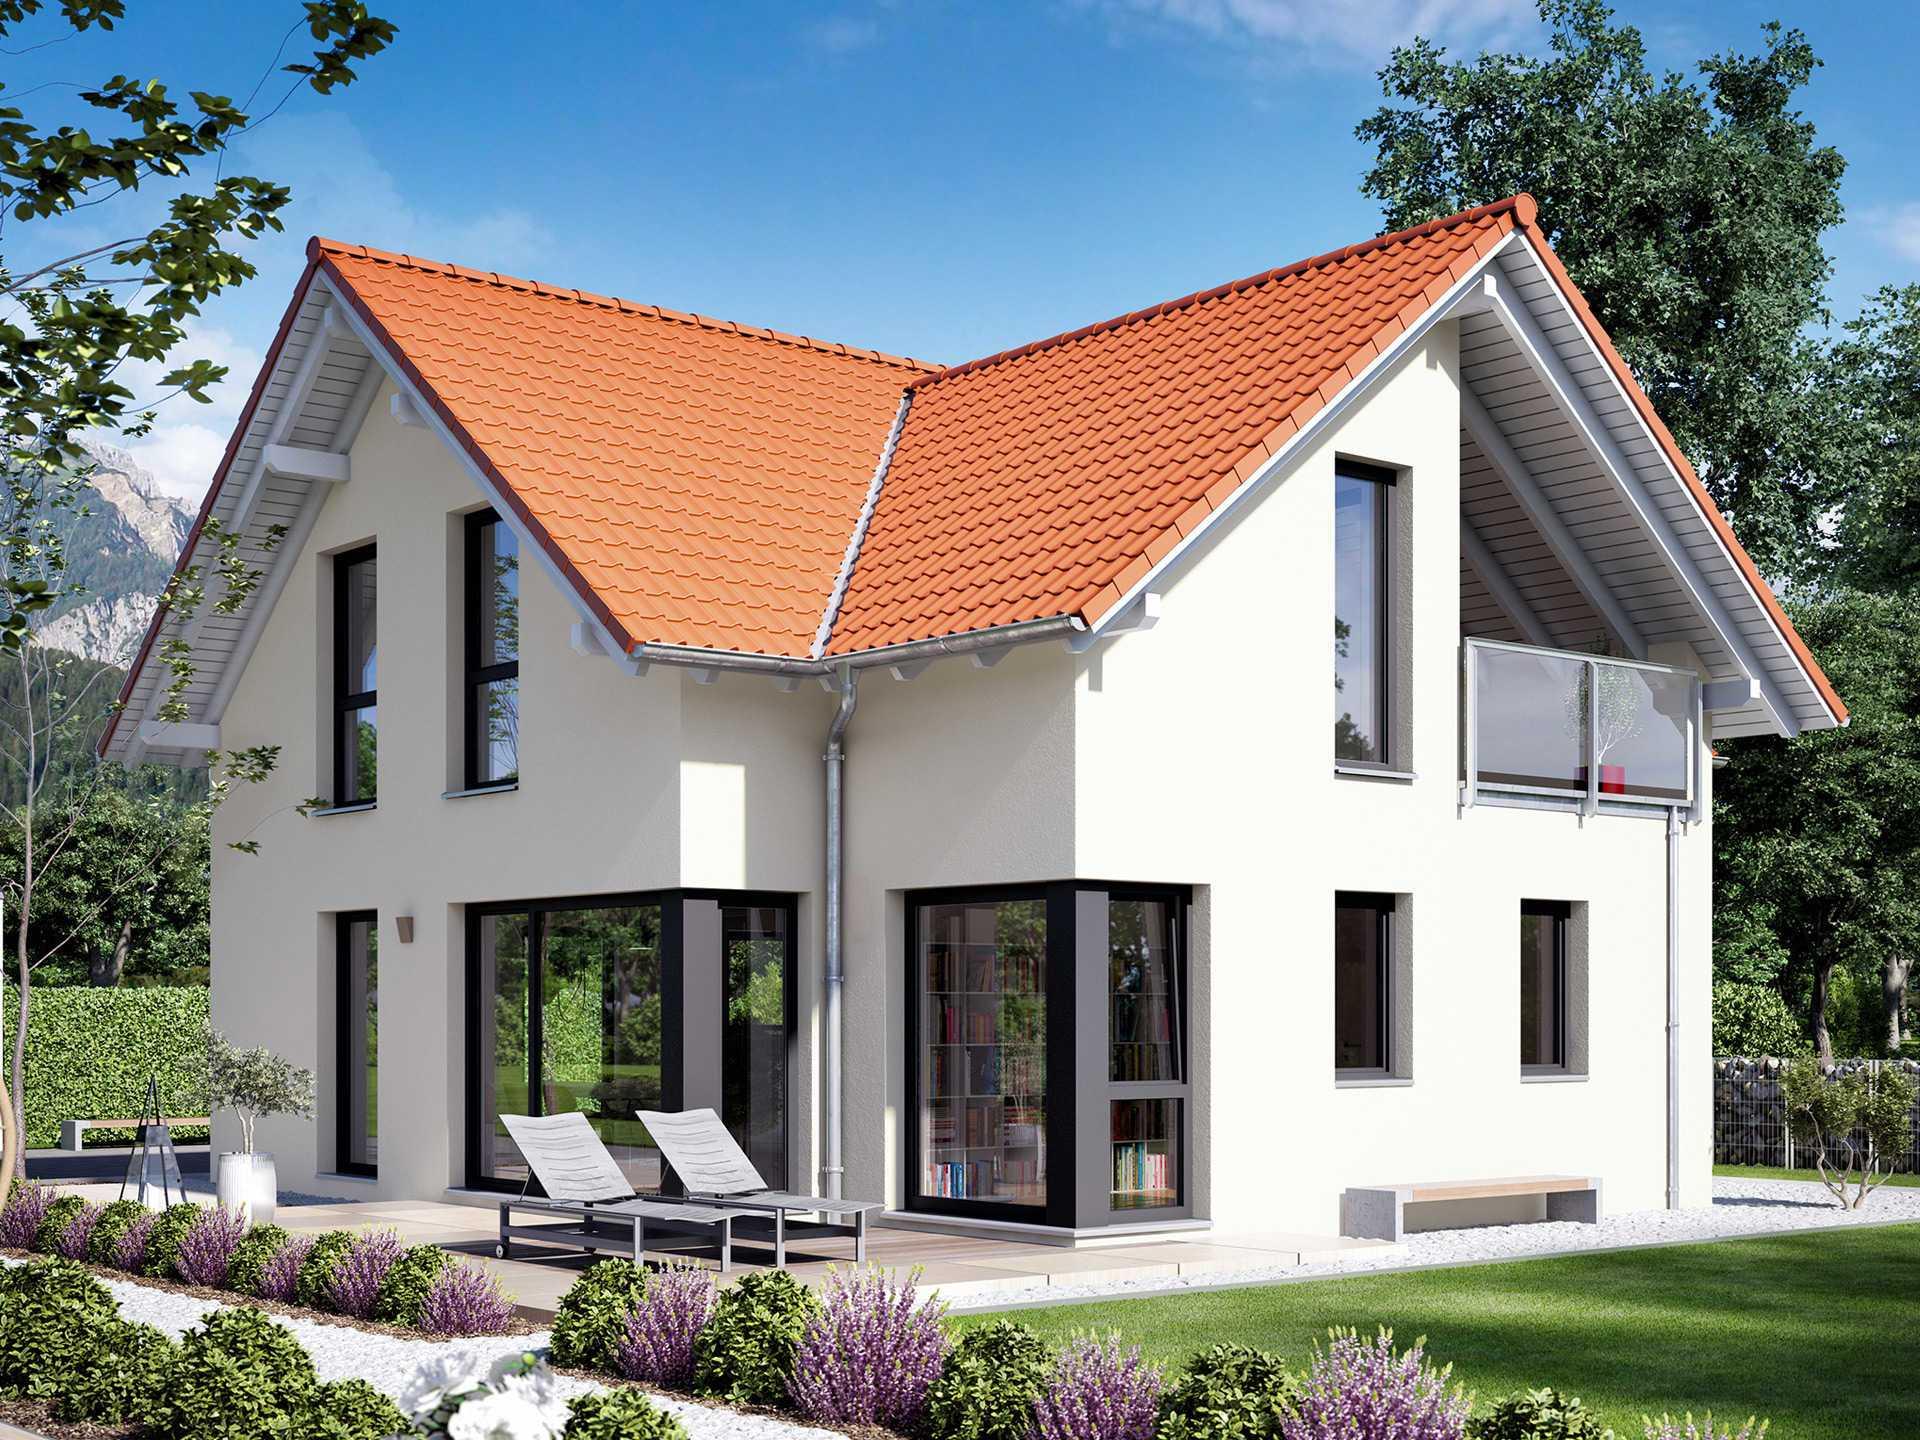 ^ dition 3 V6 – infamilienhaus - Bien-Zenker